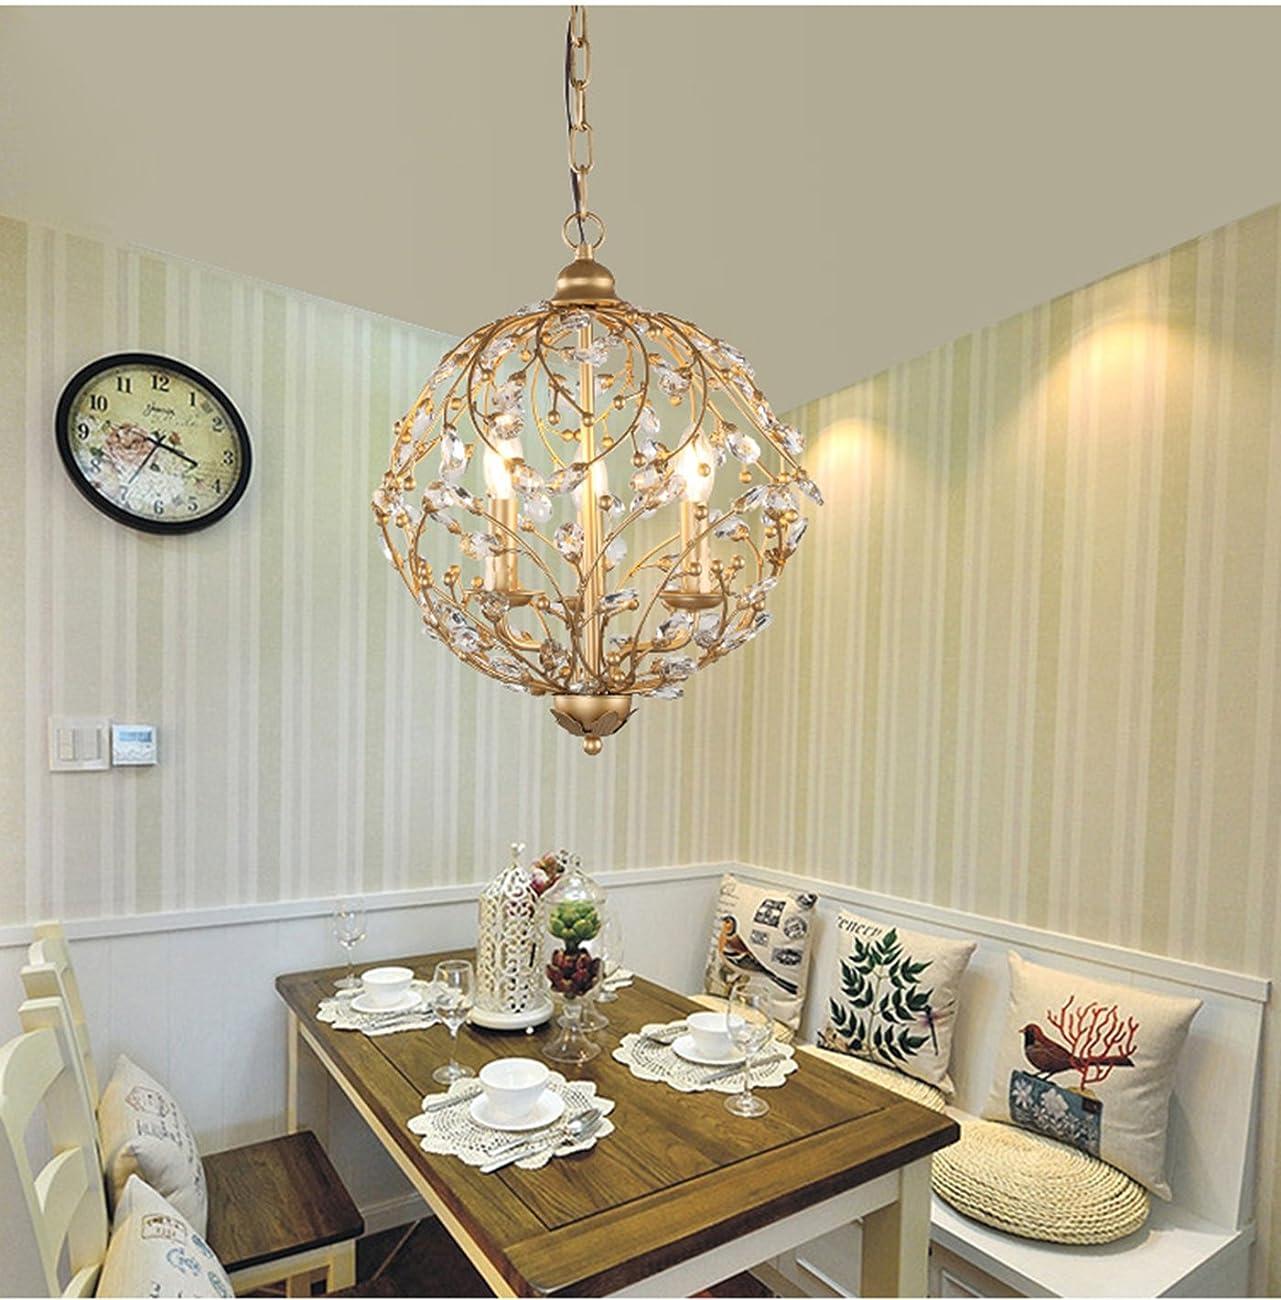 Garwarm Vintage Chandelier 3 lights Antique Pendant light Home Ceiling Light Fixtures Chandeliers Lighting,Golden 1